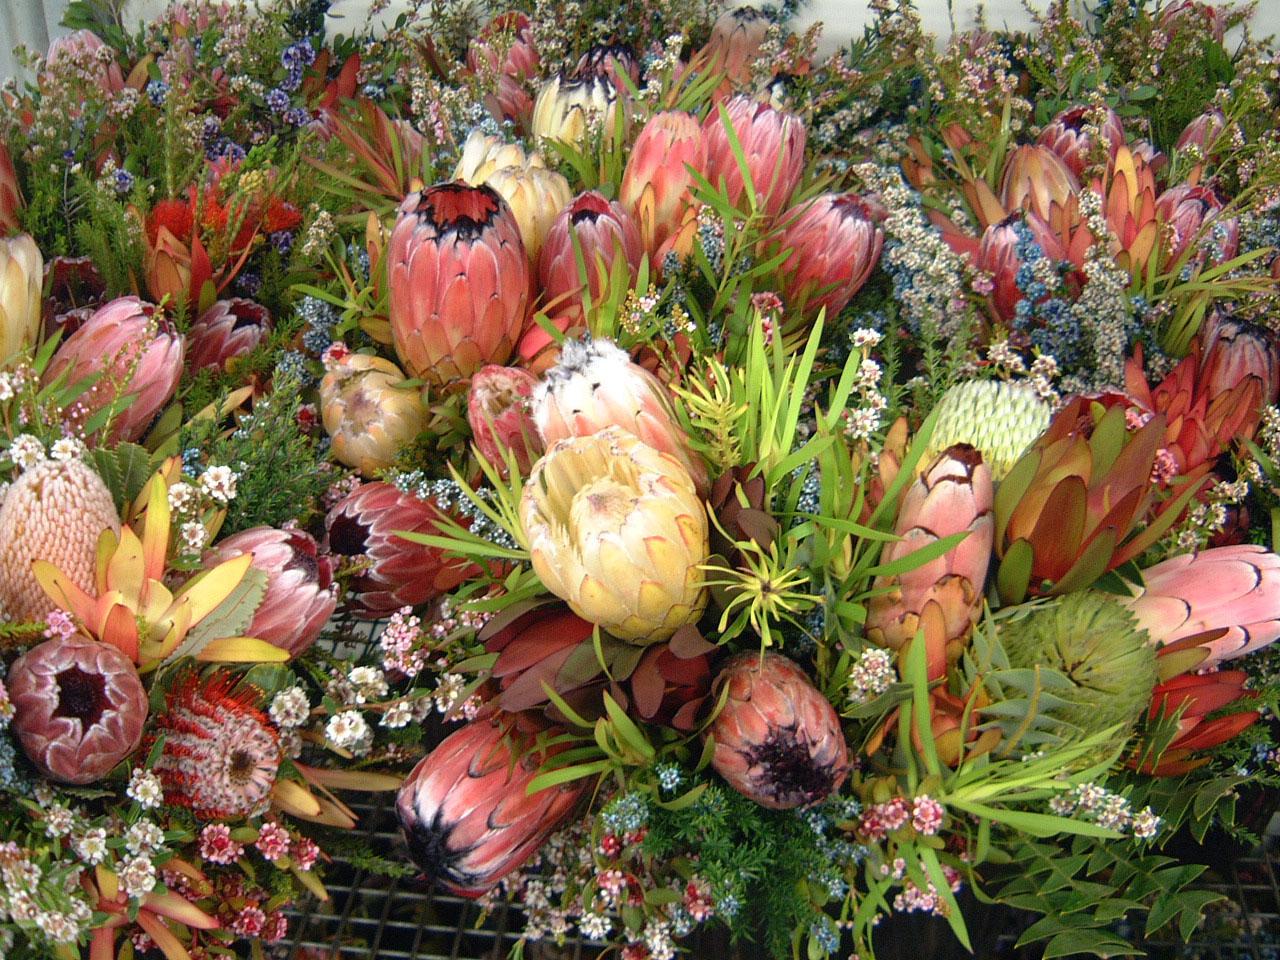 Australia Brisbane Flower Markets 01